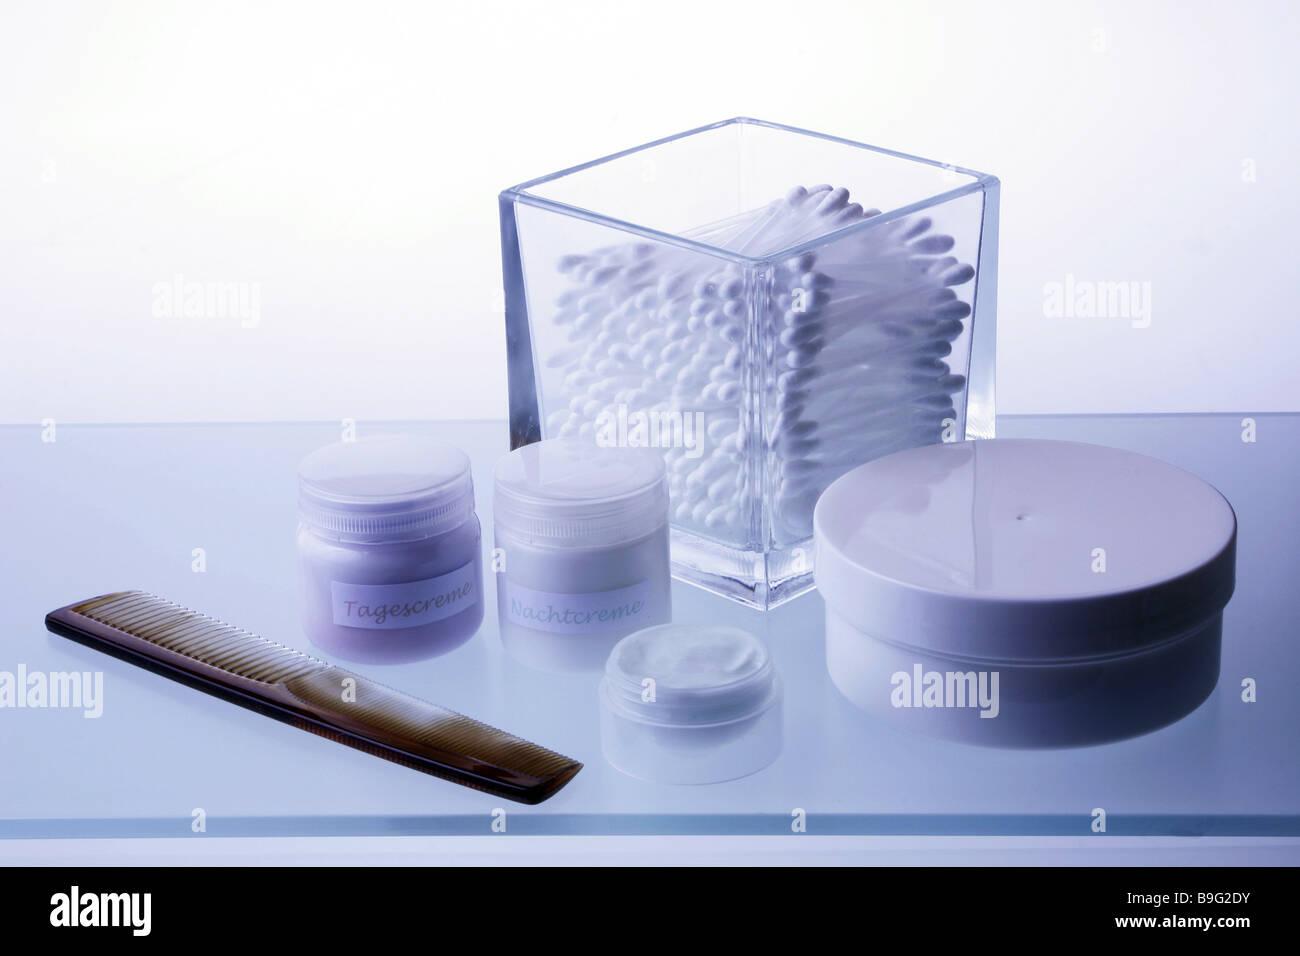 Badezimmer Lagerung Platz Kosmetik-Artikel Creme-Töpfe Kamm Watte ...